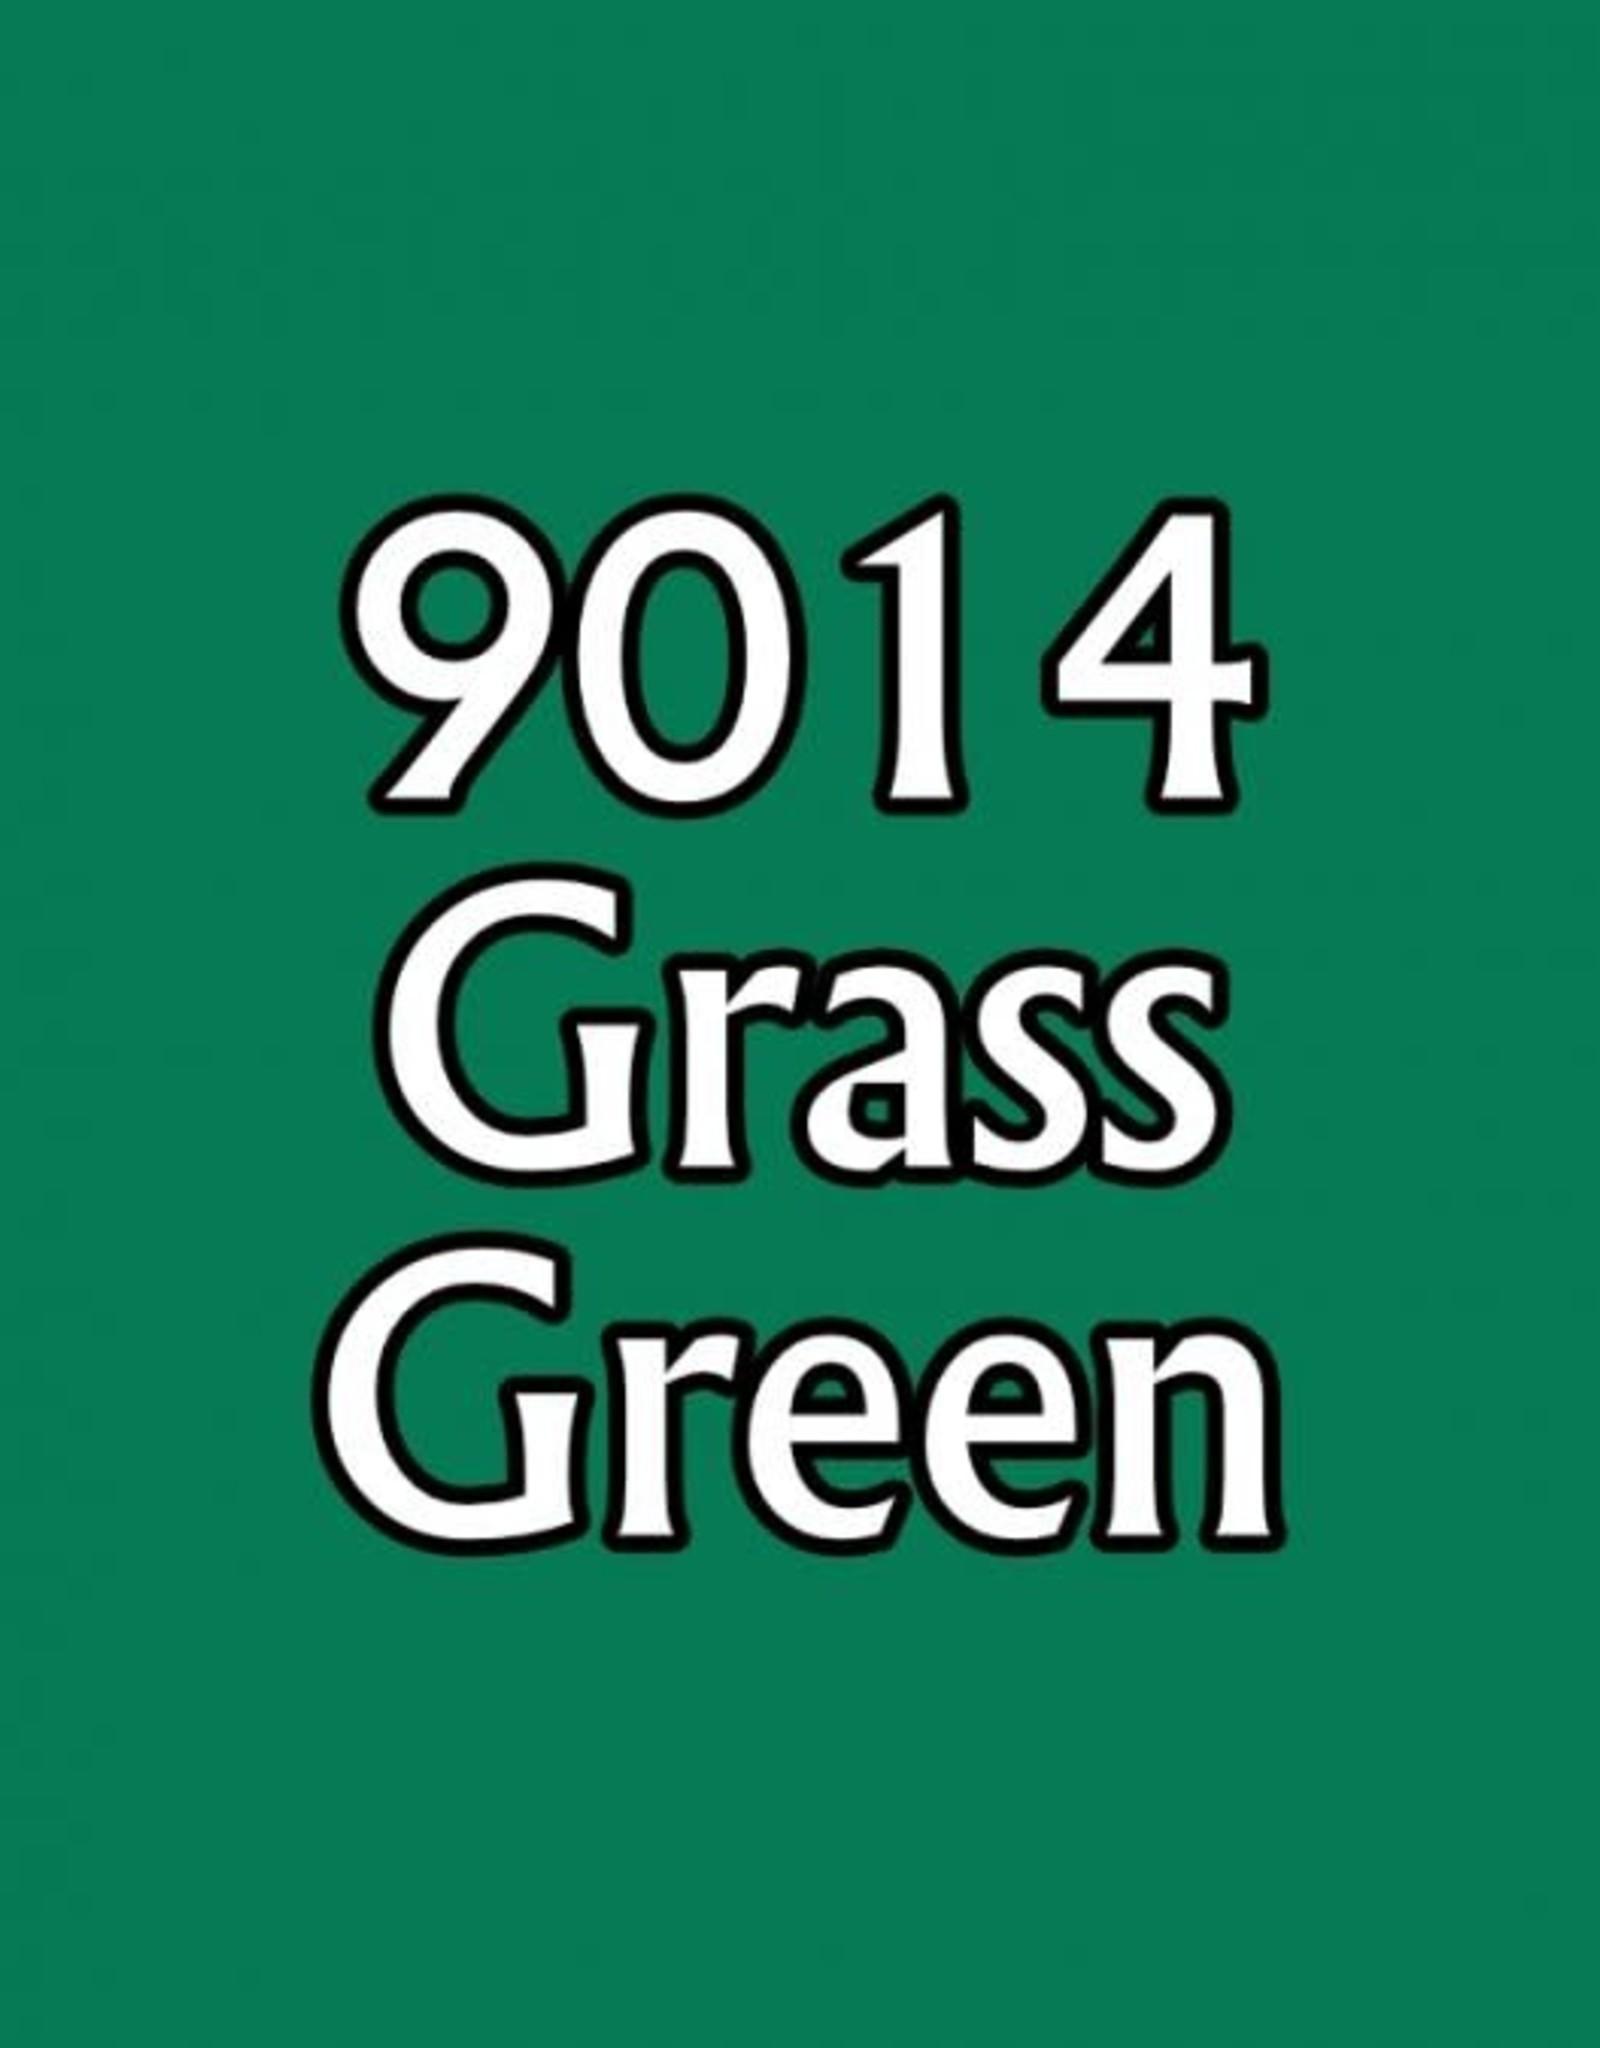 Reaper Grass Green